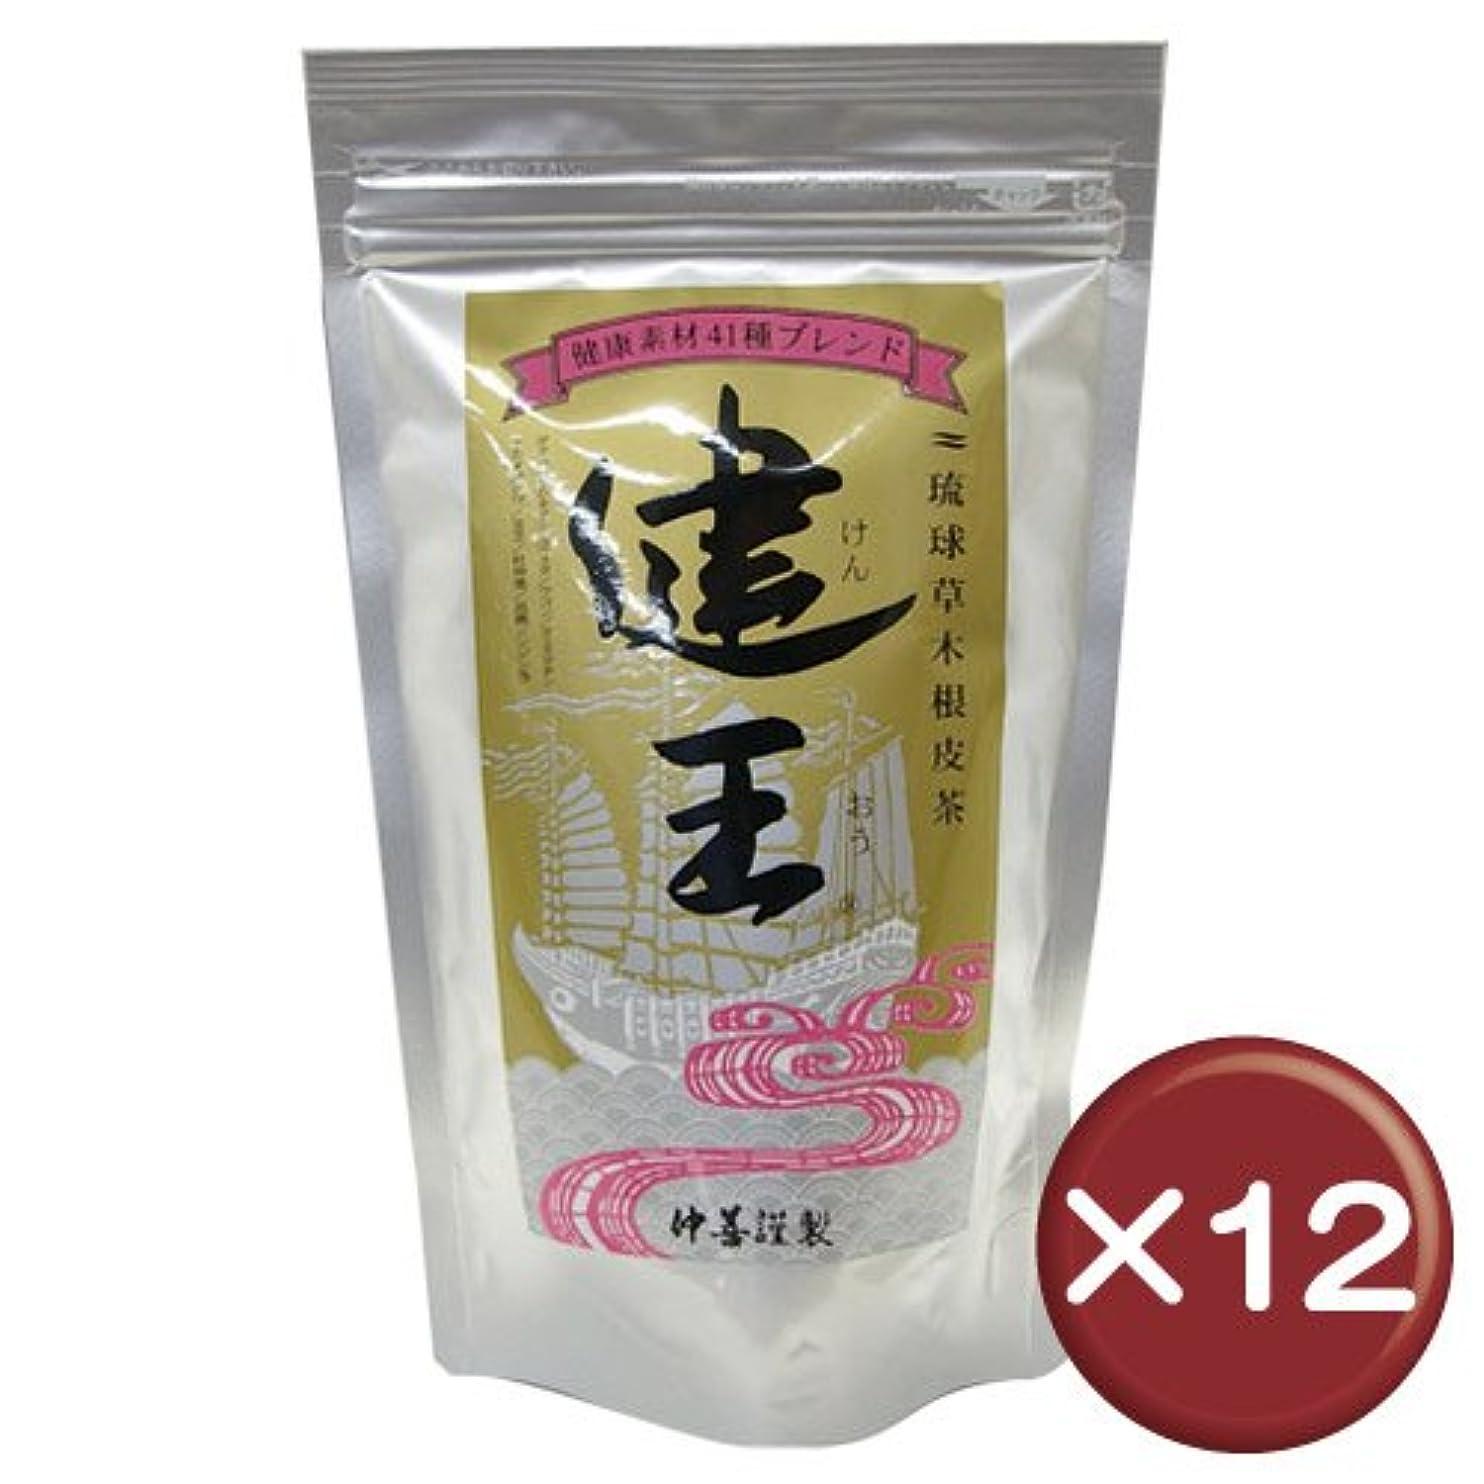 贅沢公園忙しい琉球草木根皮茶 健王 ティーバッグ 2g×30包 12袋セット